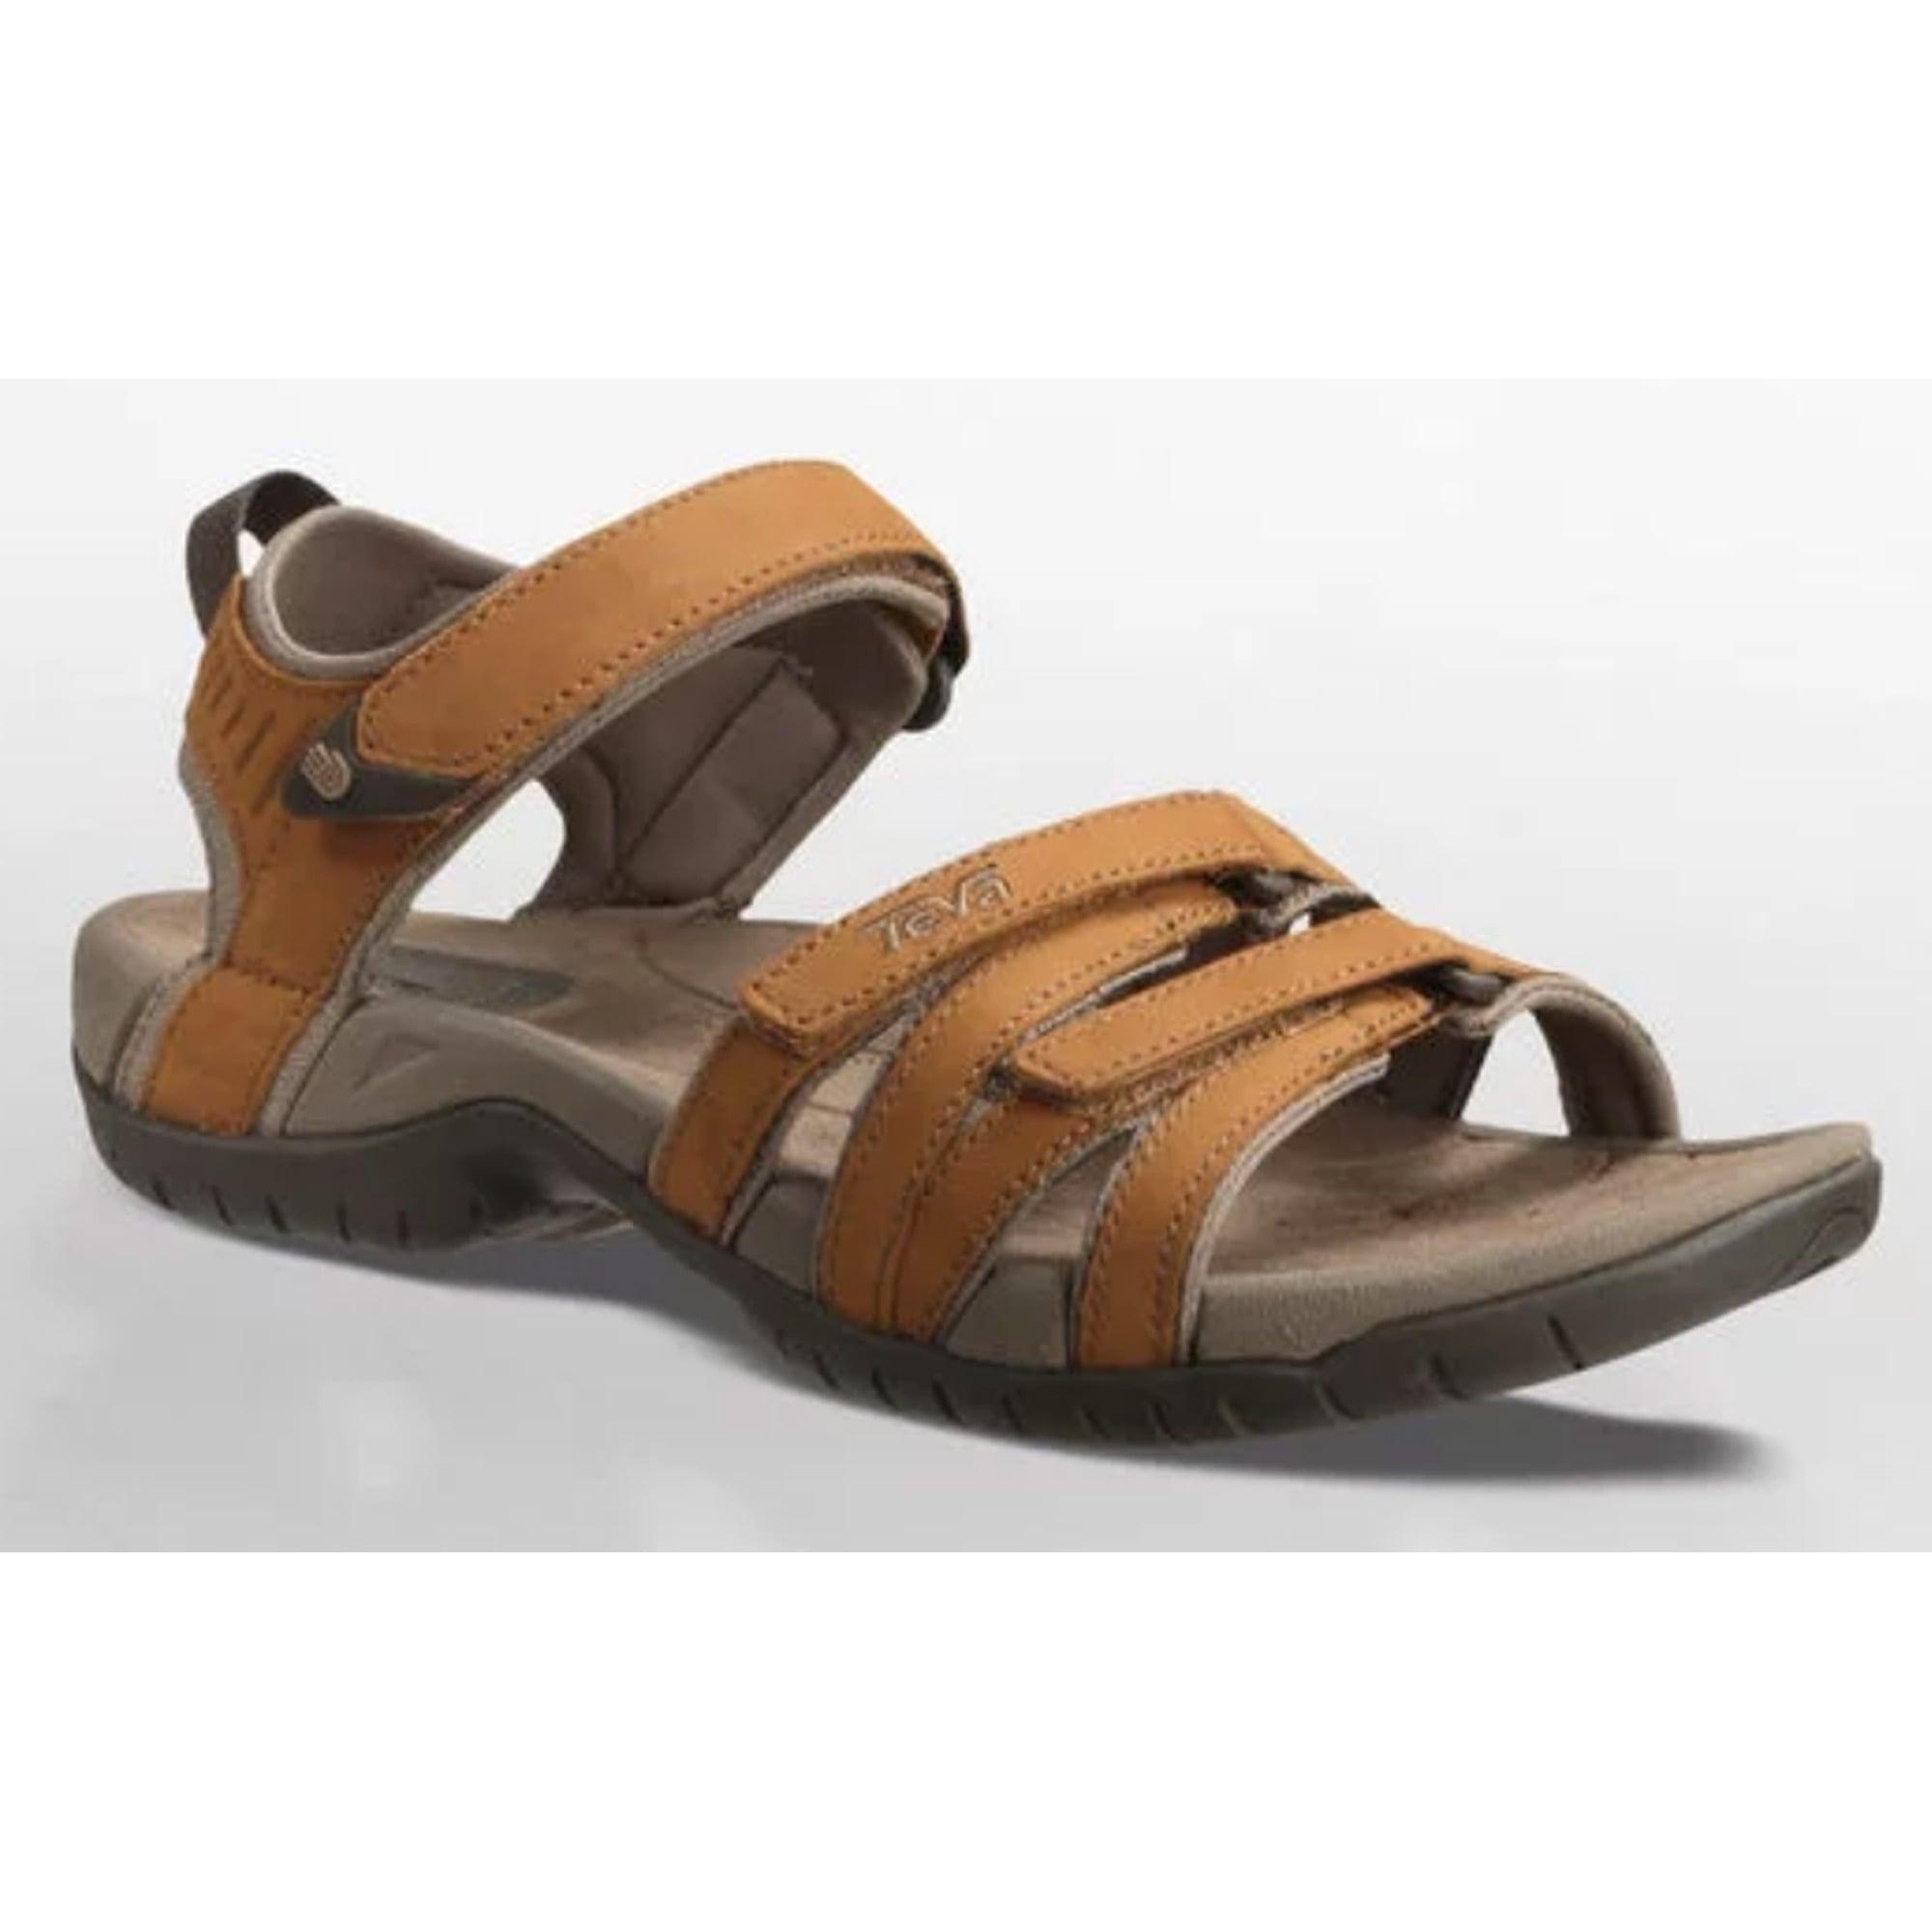 Teva Tirra Leather Sandal